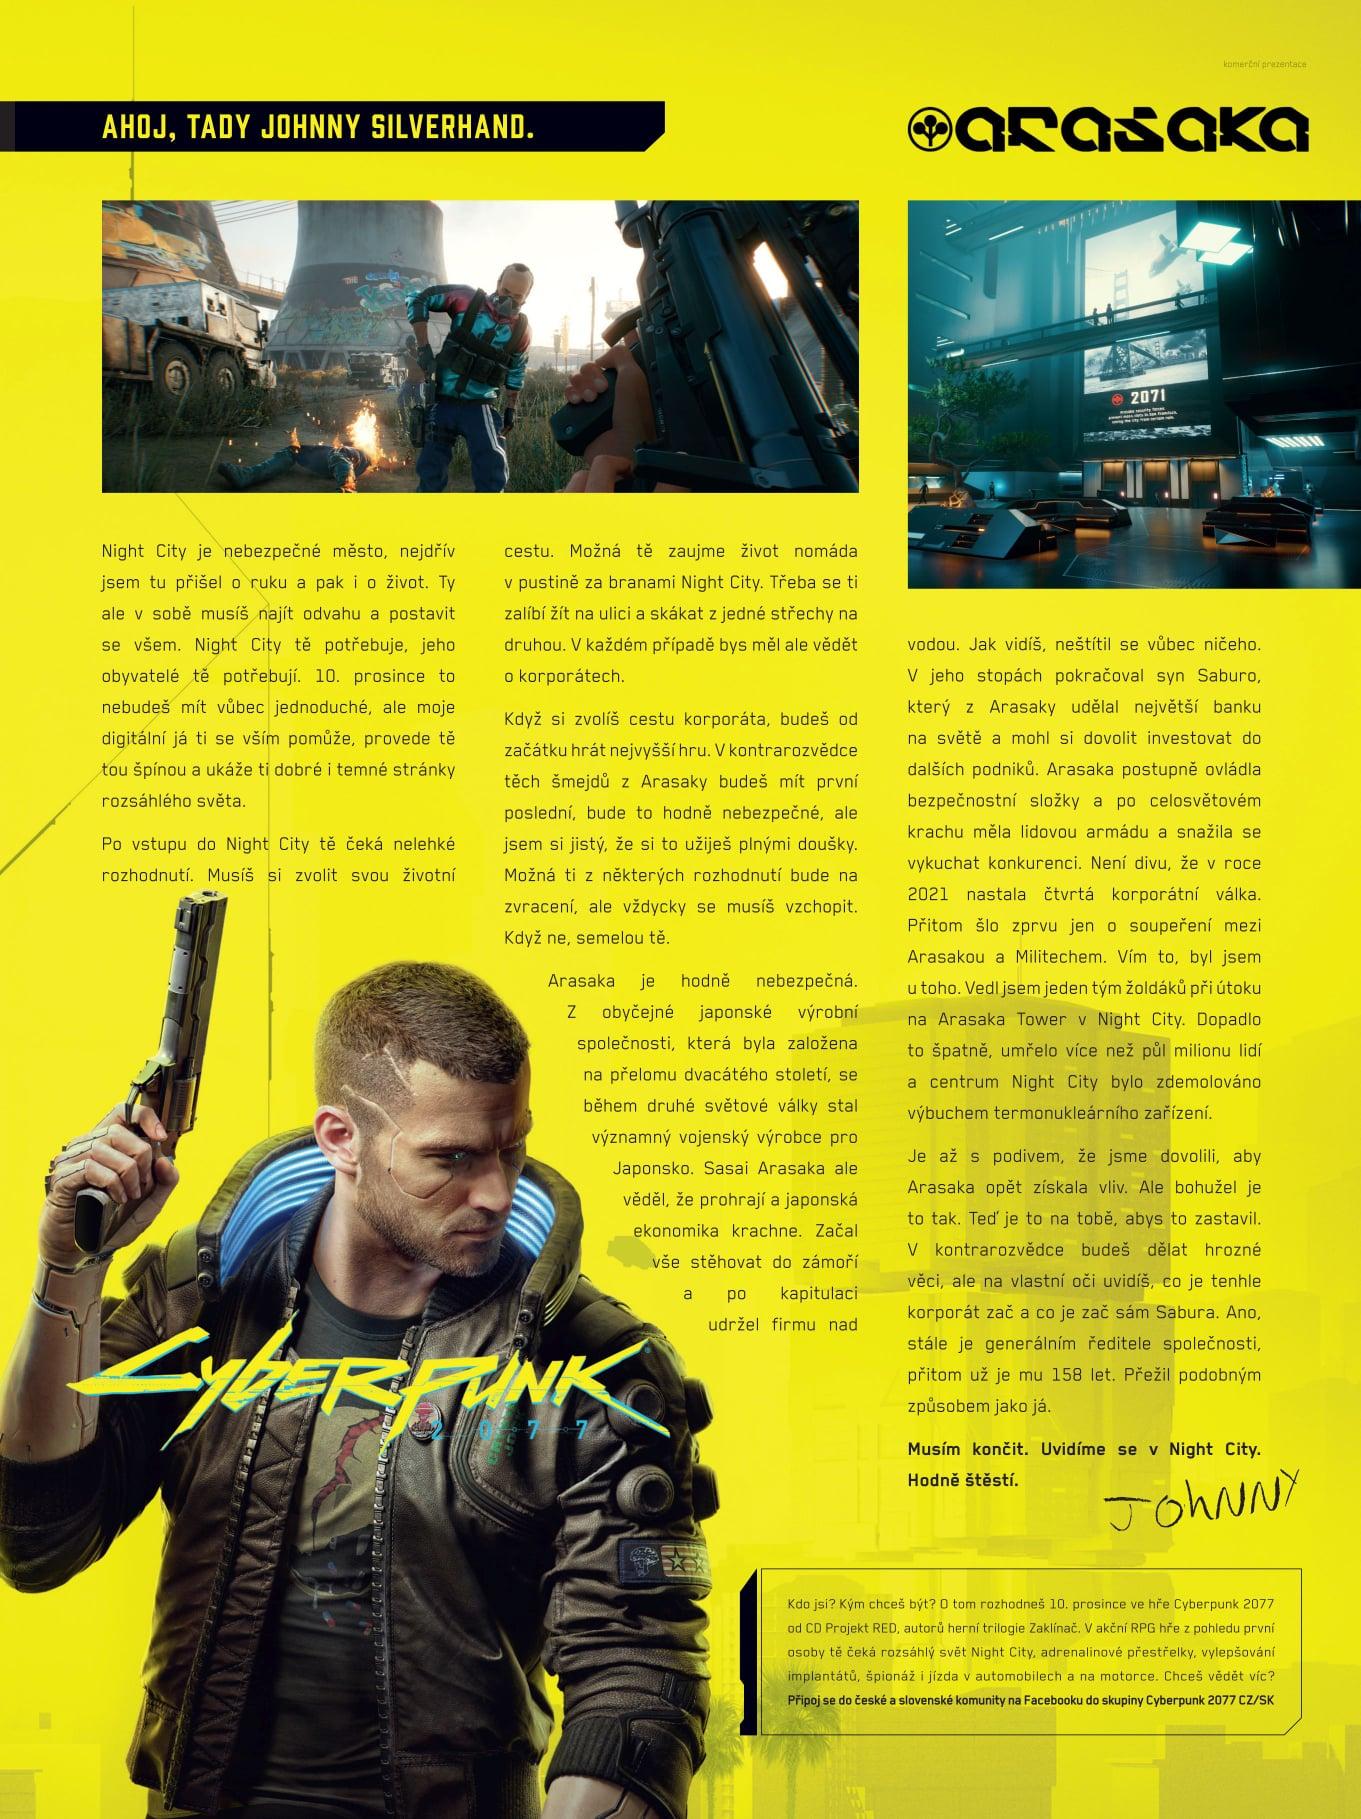 Johnny Silverhand má vzkaz pro všechny hráče čekající na Cyberpunk 2077 Zing Johnyho vzkaz